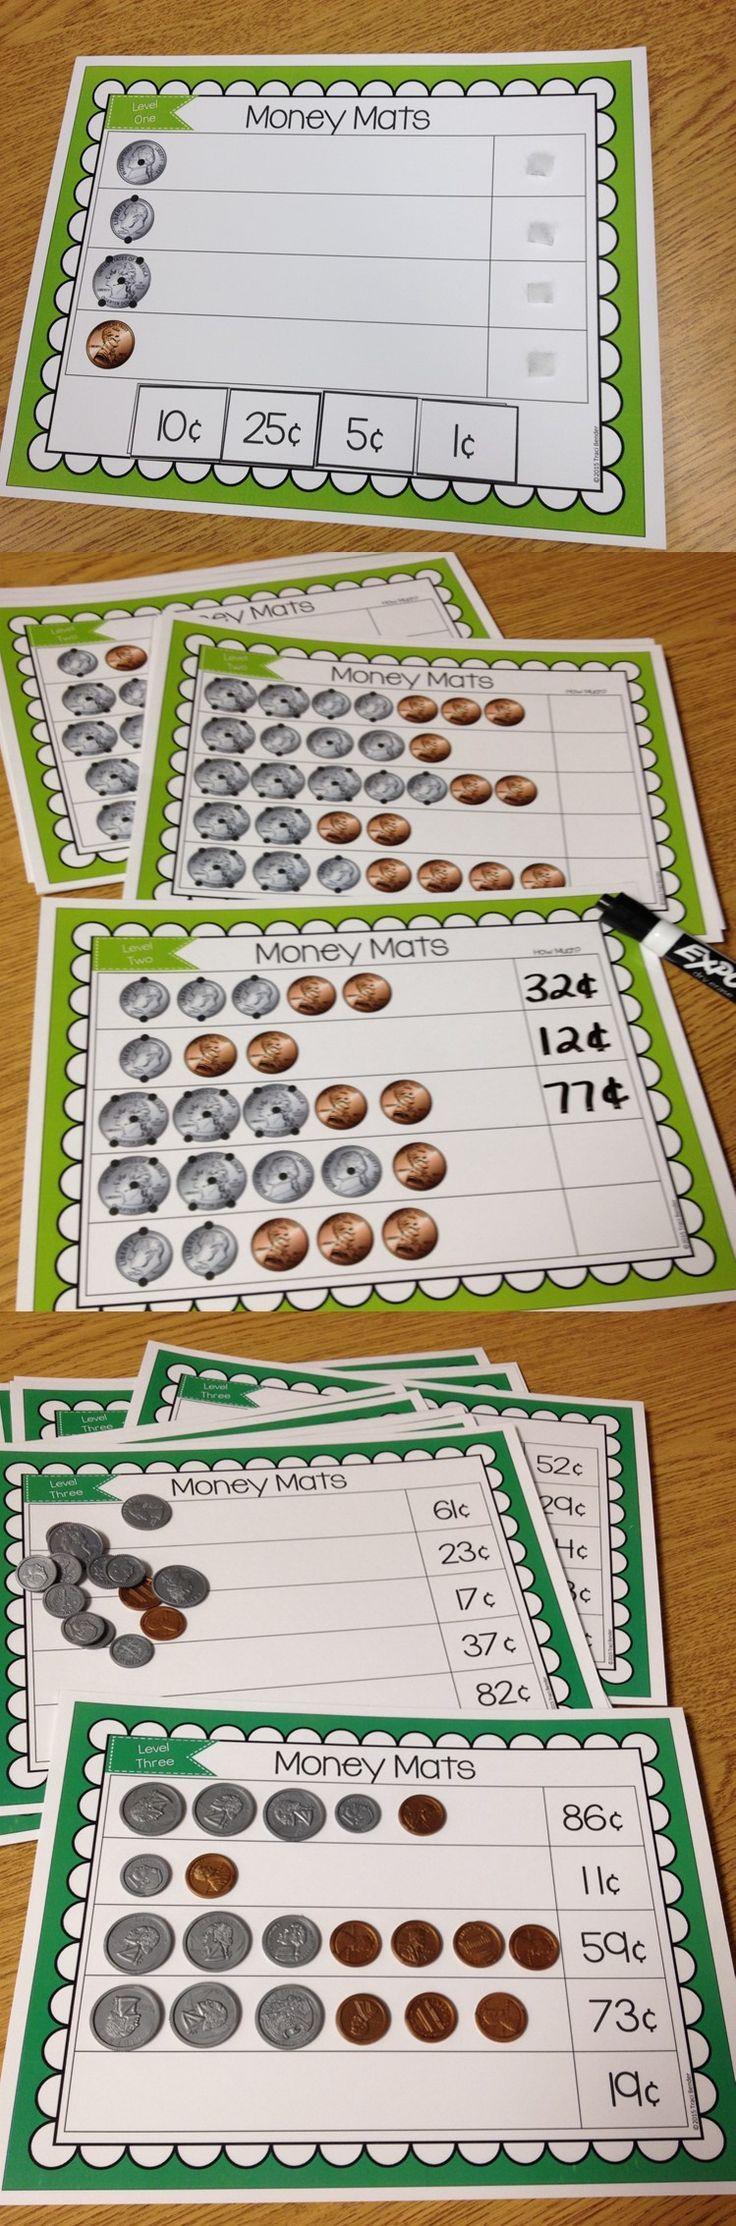 Predownload: Touch Dot Money Mats Level 2 Special Education Math Money Math Homeschool Math [ 2226 x 736 Pixel ]